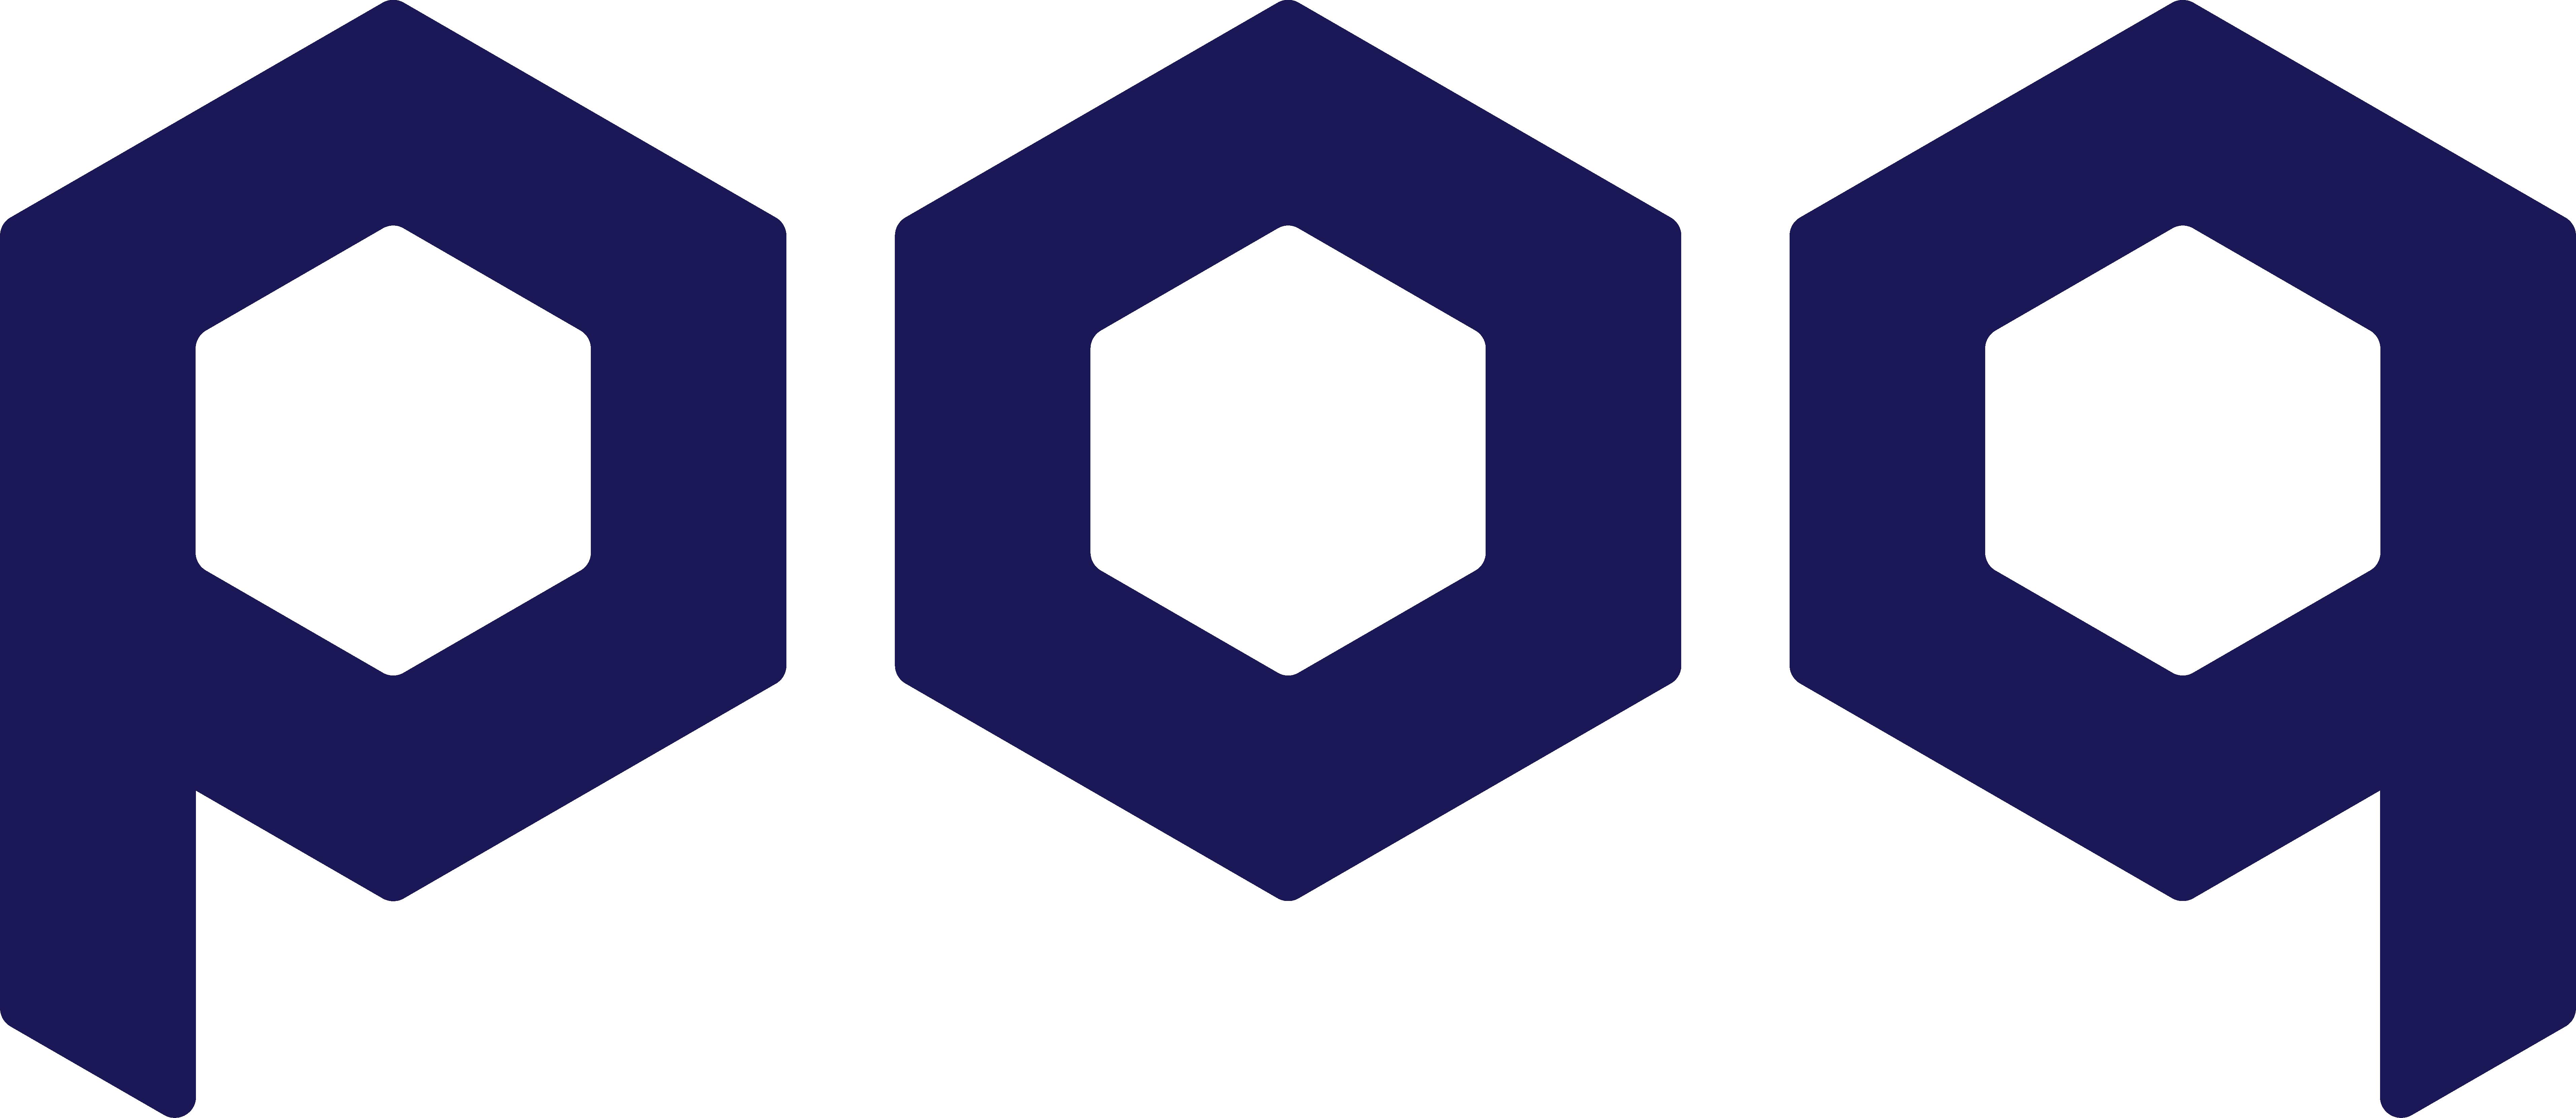 poq_logo_navy (1)